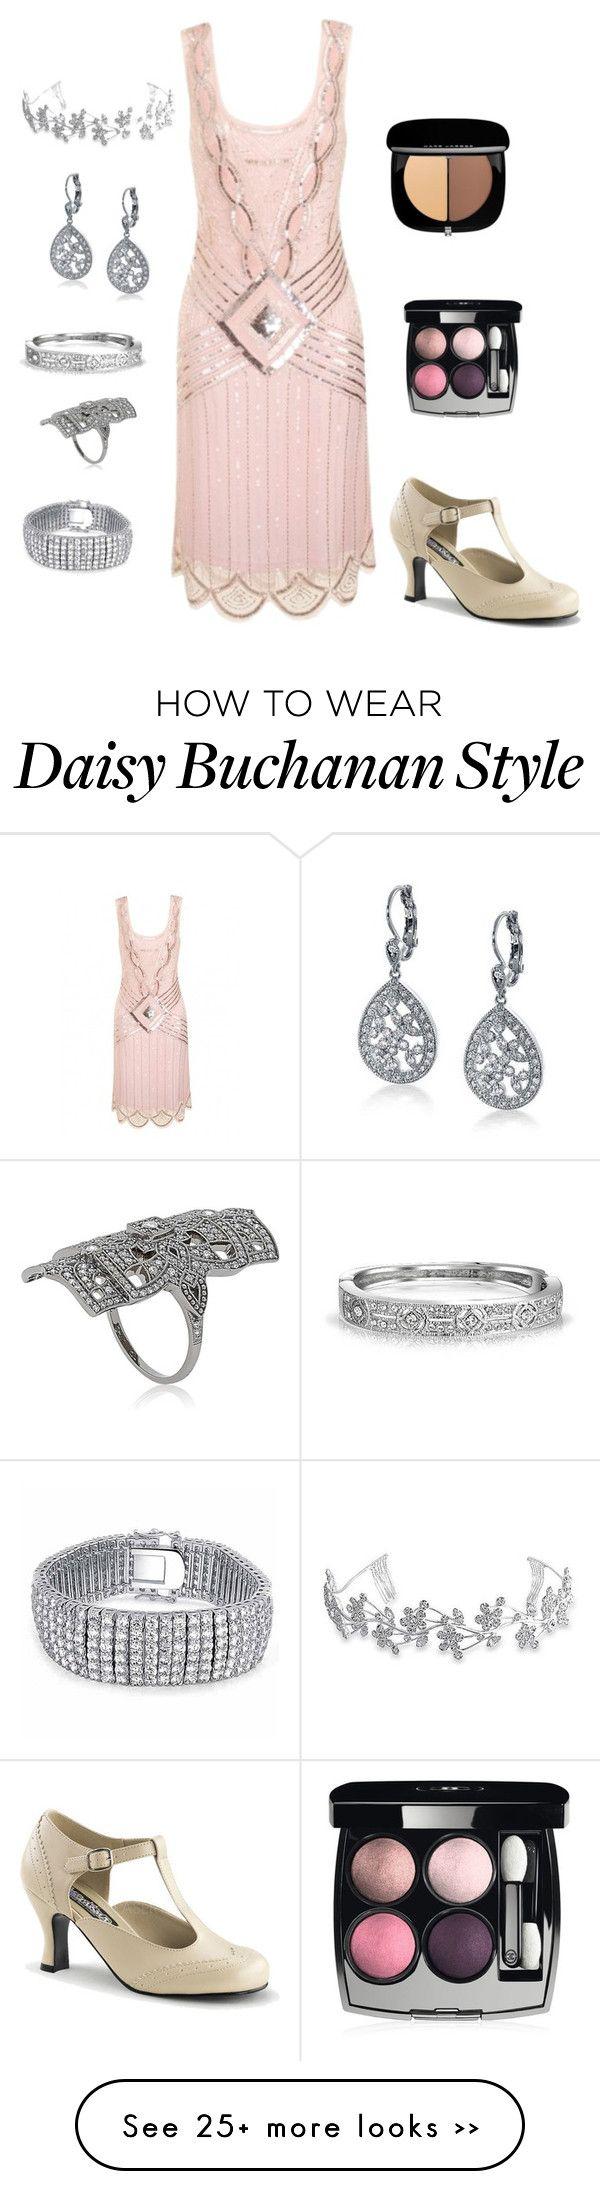 Matrimonio a primavera? Cerchi un outfit fresco e semplice? Questo outfit fa' per te!! La comodità del mezzo tacco e tutto il glam degli anni 20 :)